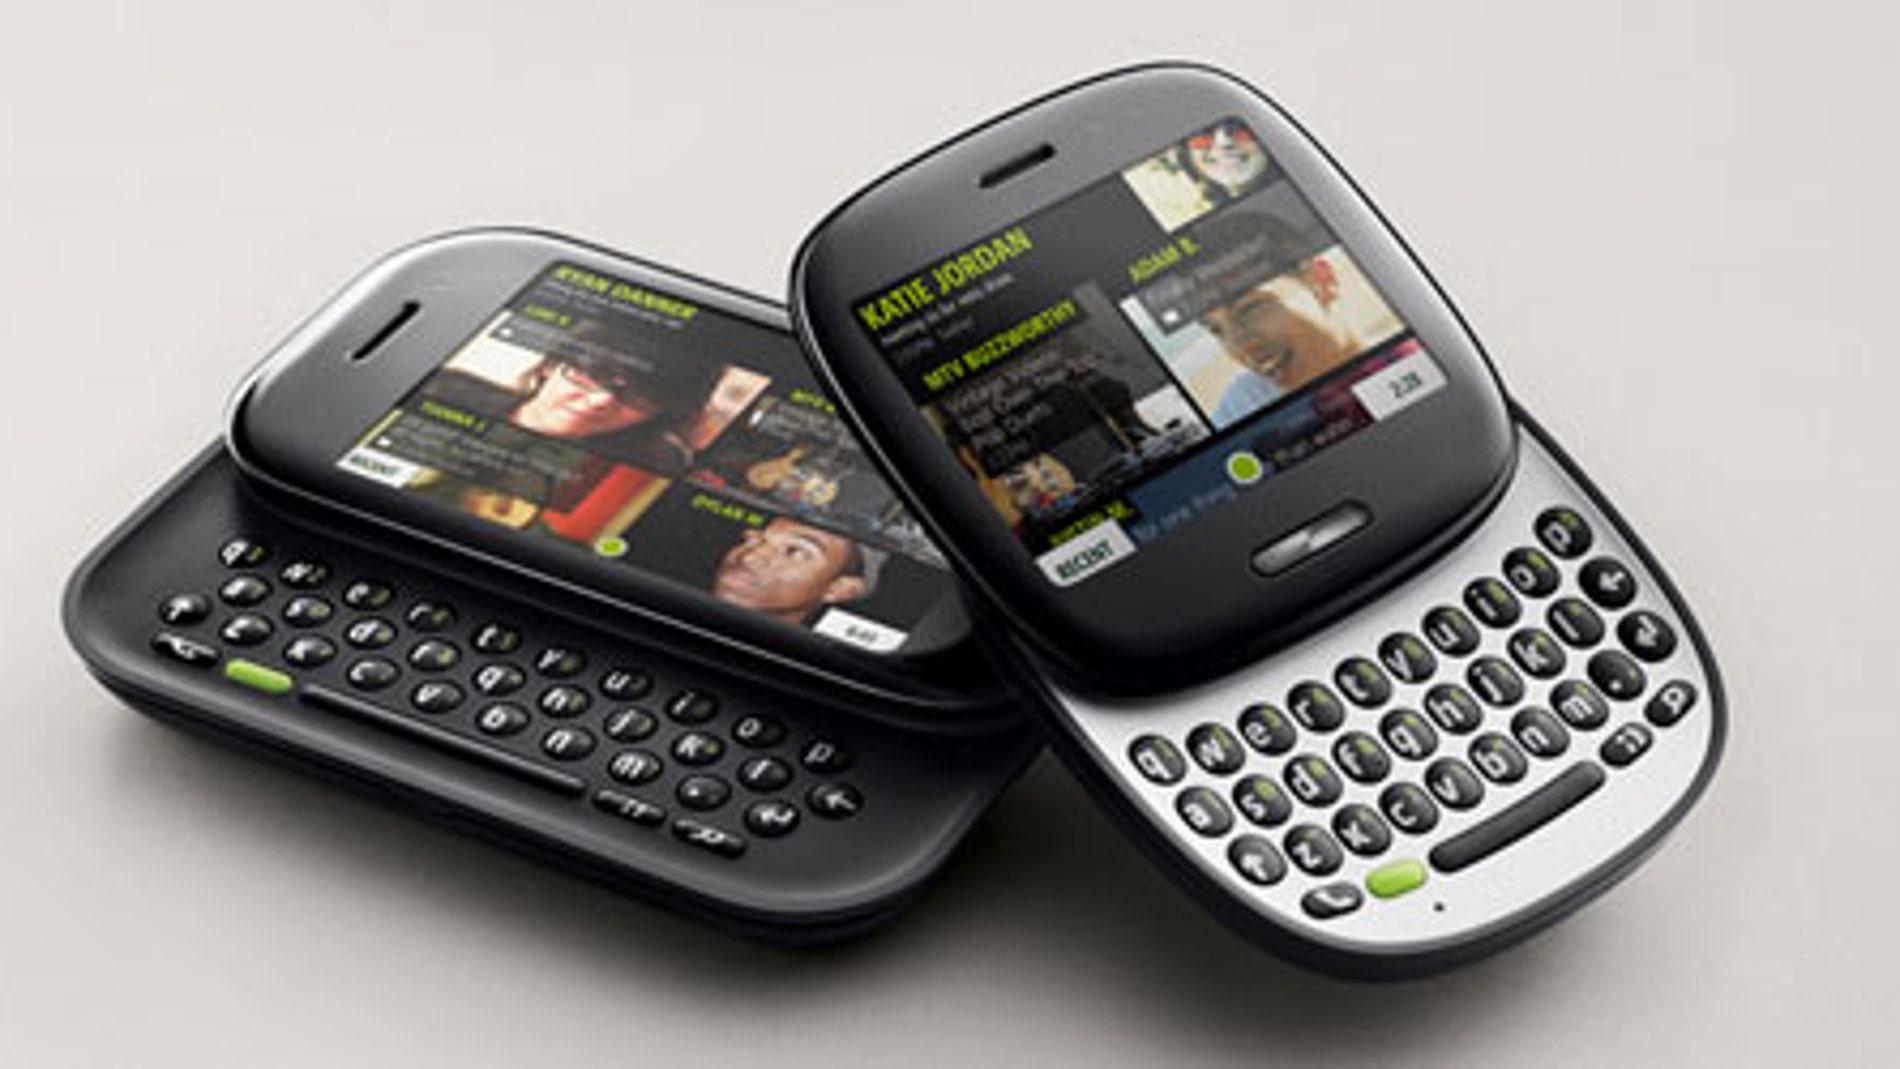 Kin One y Kin Two, dos teléfonos de Microsoft que murieron poco después de nacer